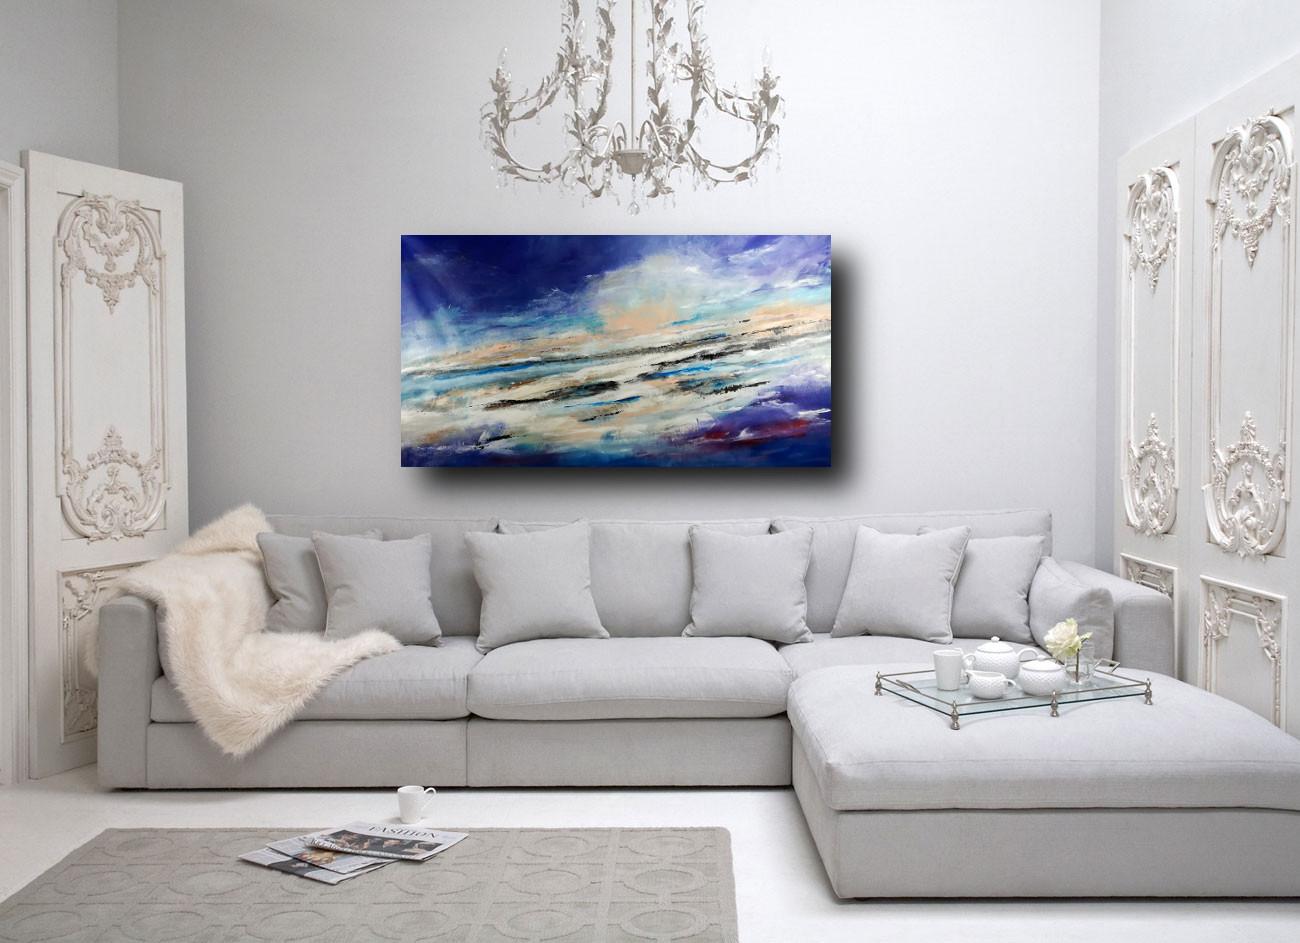 quadro paesaggio per soggiorno moderno 150x80 | sauro bos